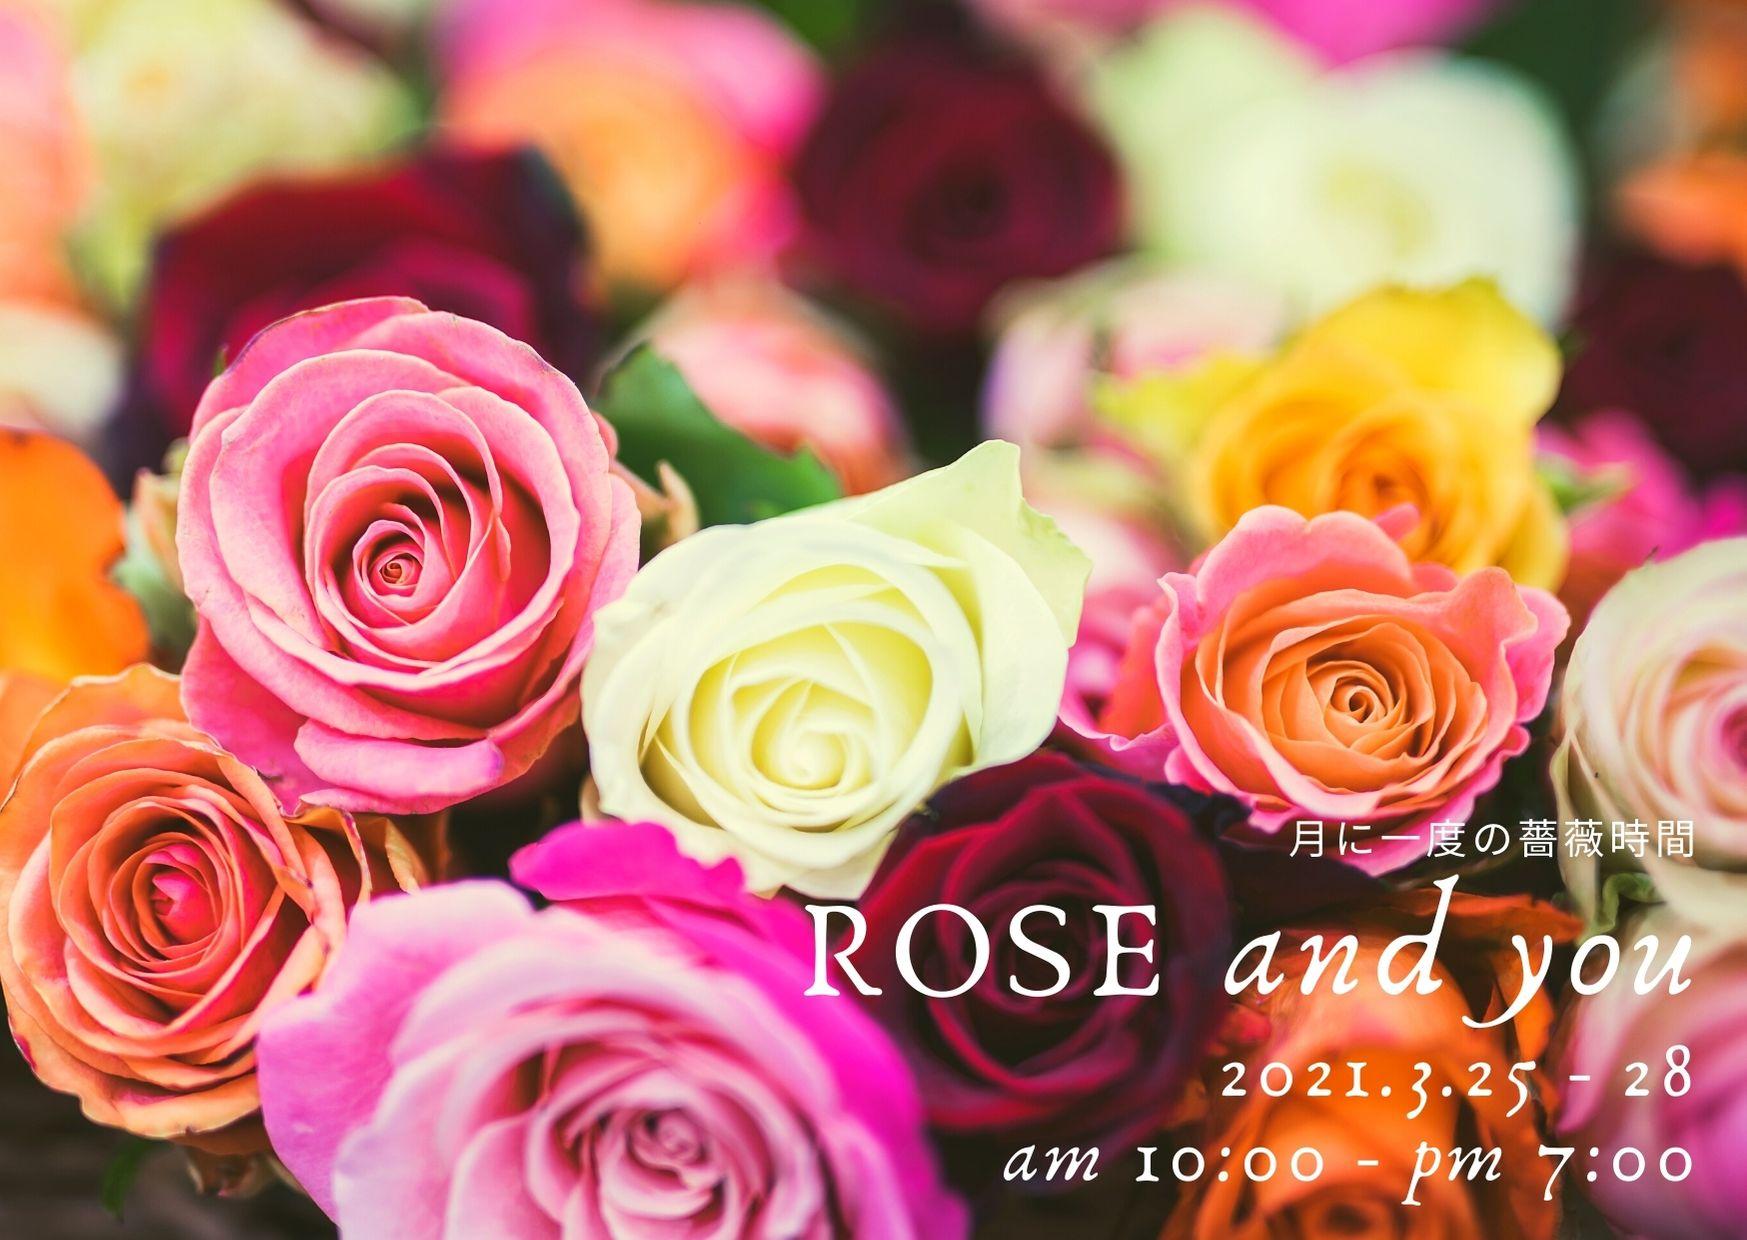 3月25日,26日,27日,28日/ROSE and you